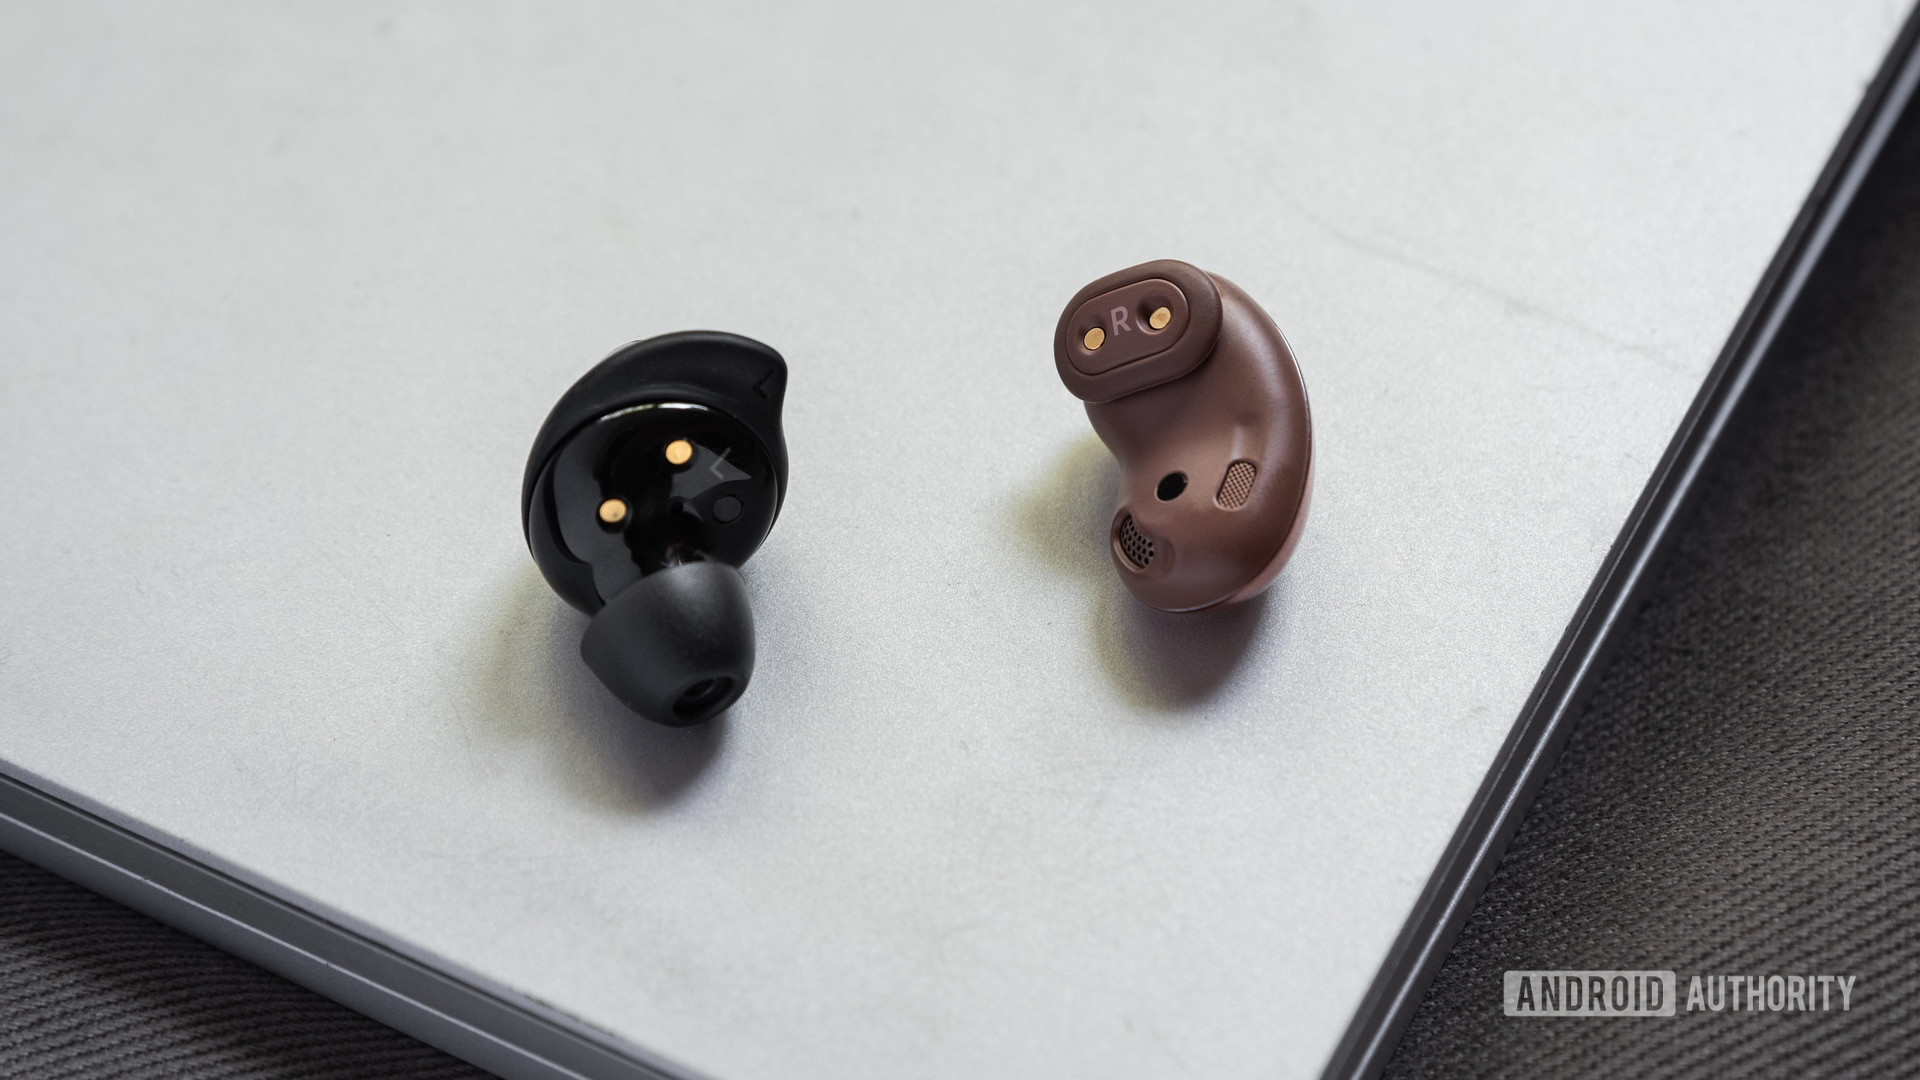 Uma imagem do Samsung Galaxy Buds Plus vs Samsung Galaxy Buds Live comparação das pontas das asas dos verdadeiros fones de ouvido sem fio.